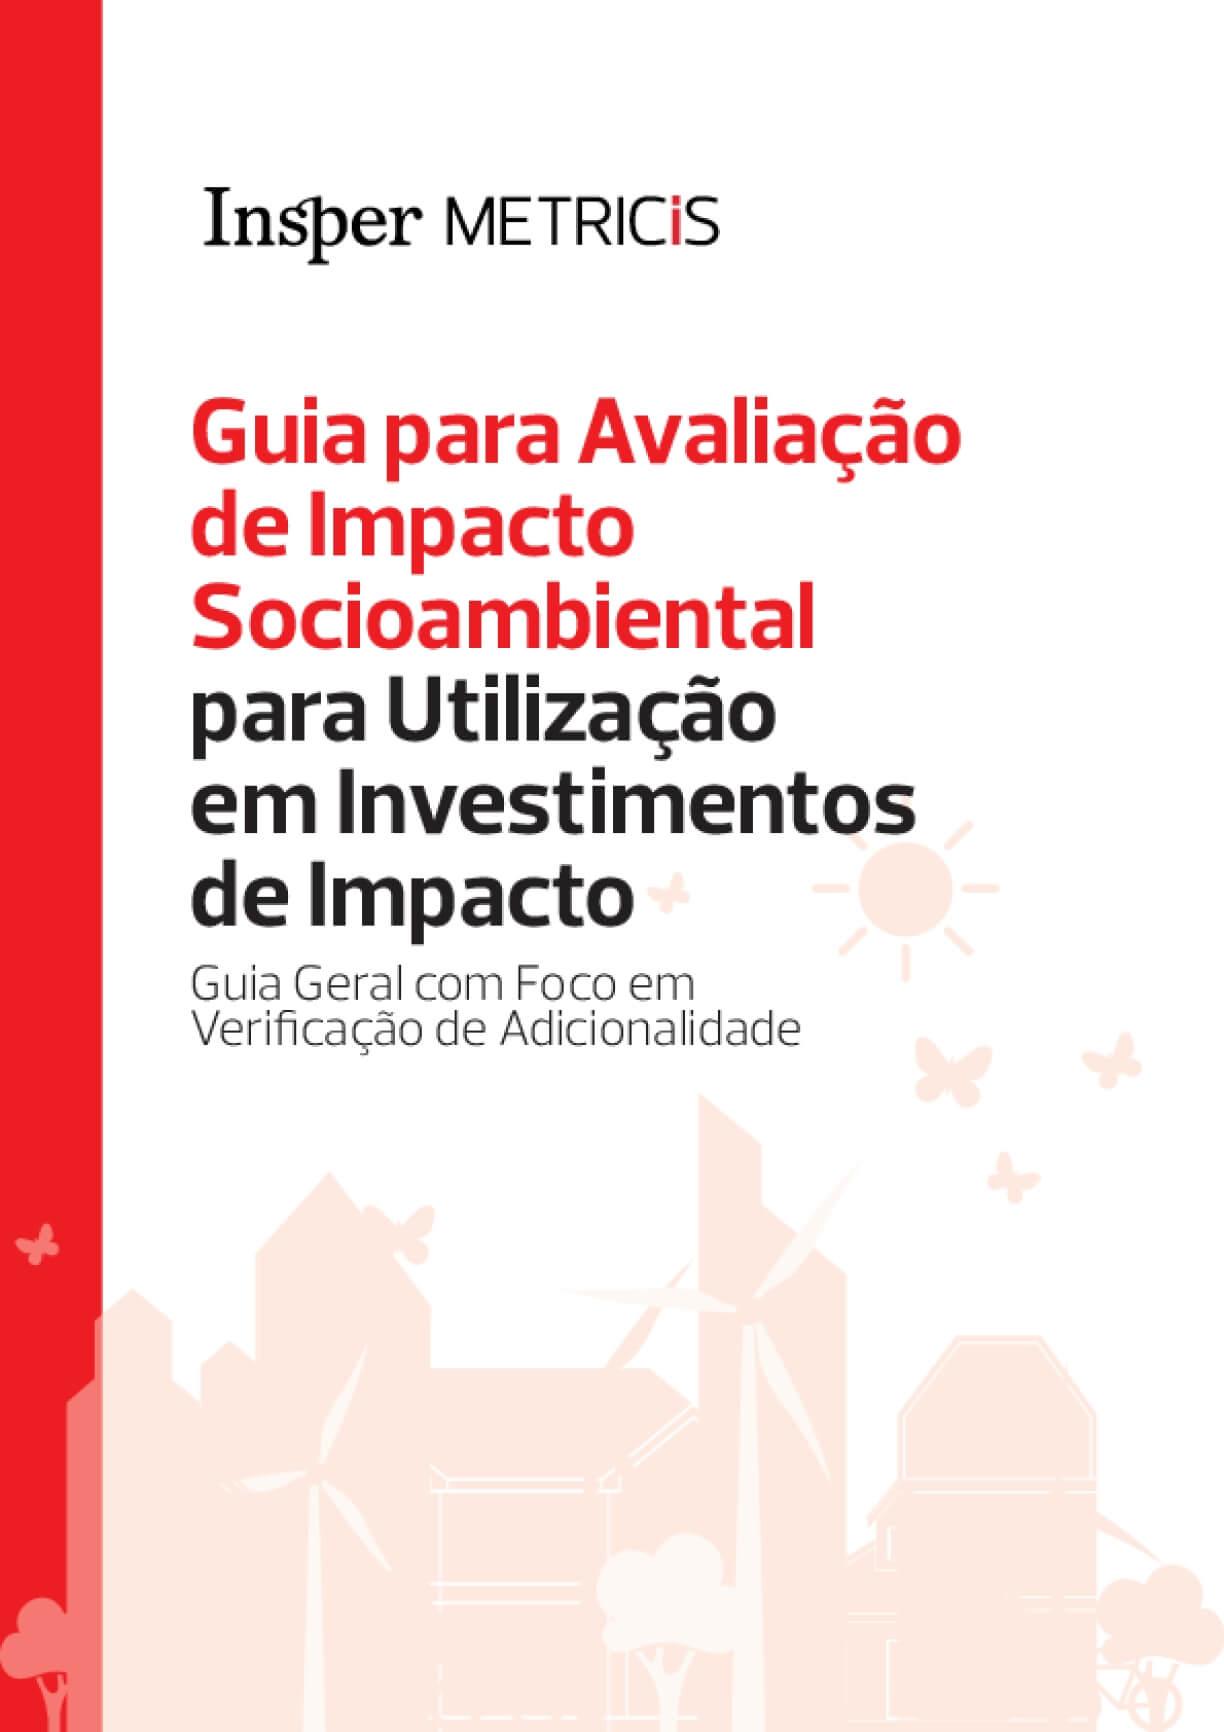 Guia para Avaliação de Impacto Socioambiental para Utilização em Investimentos de Impacto